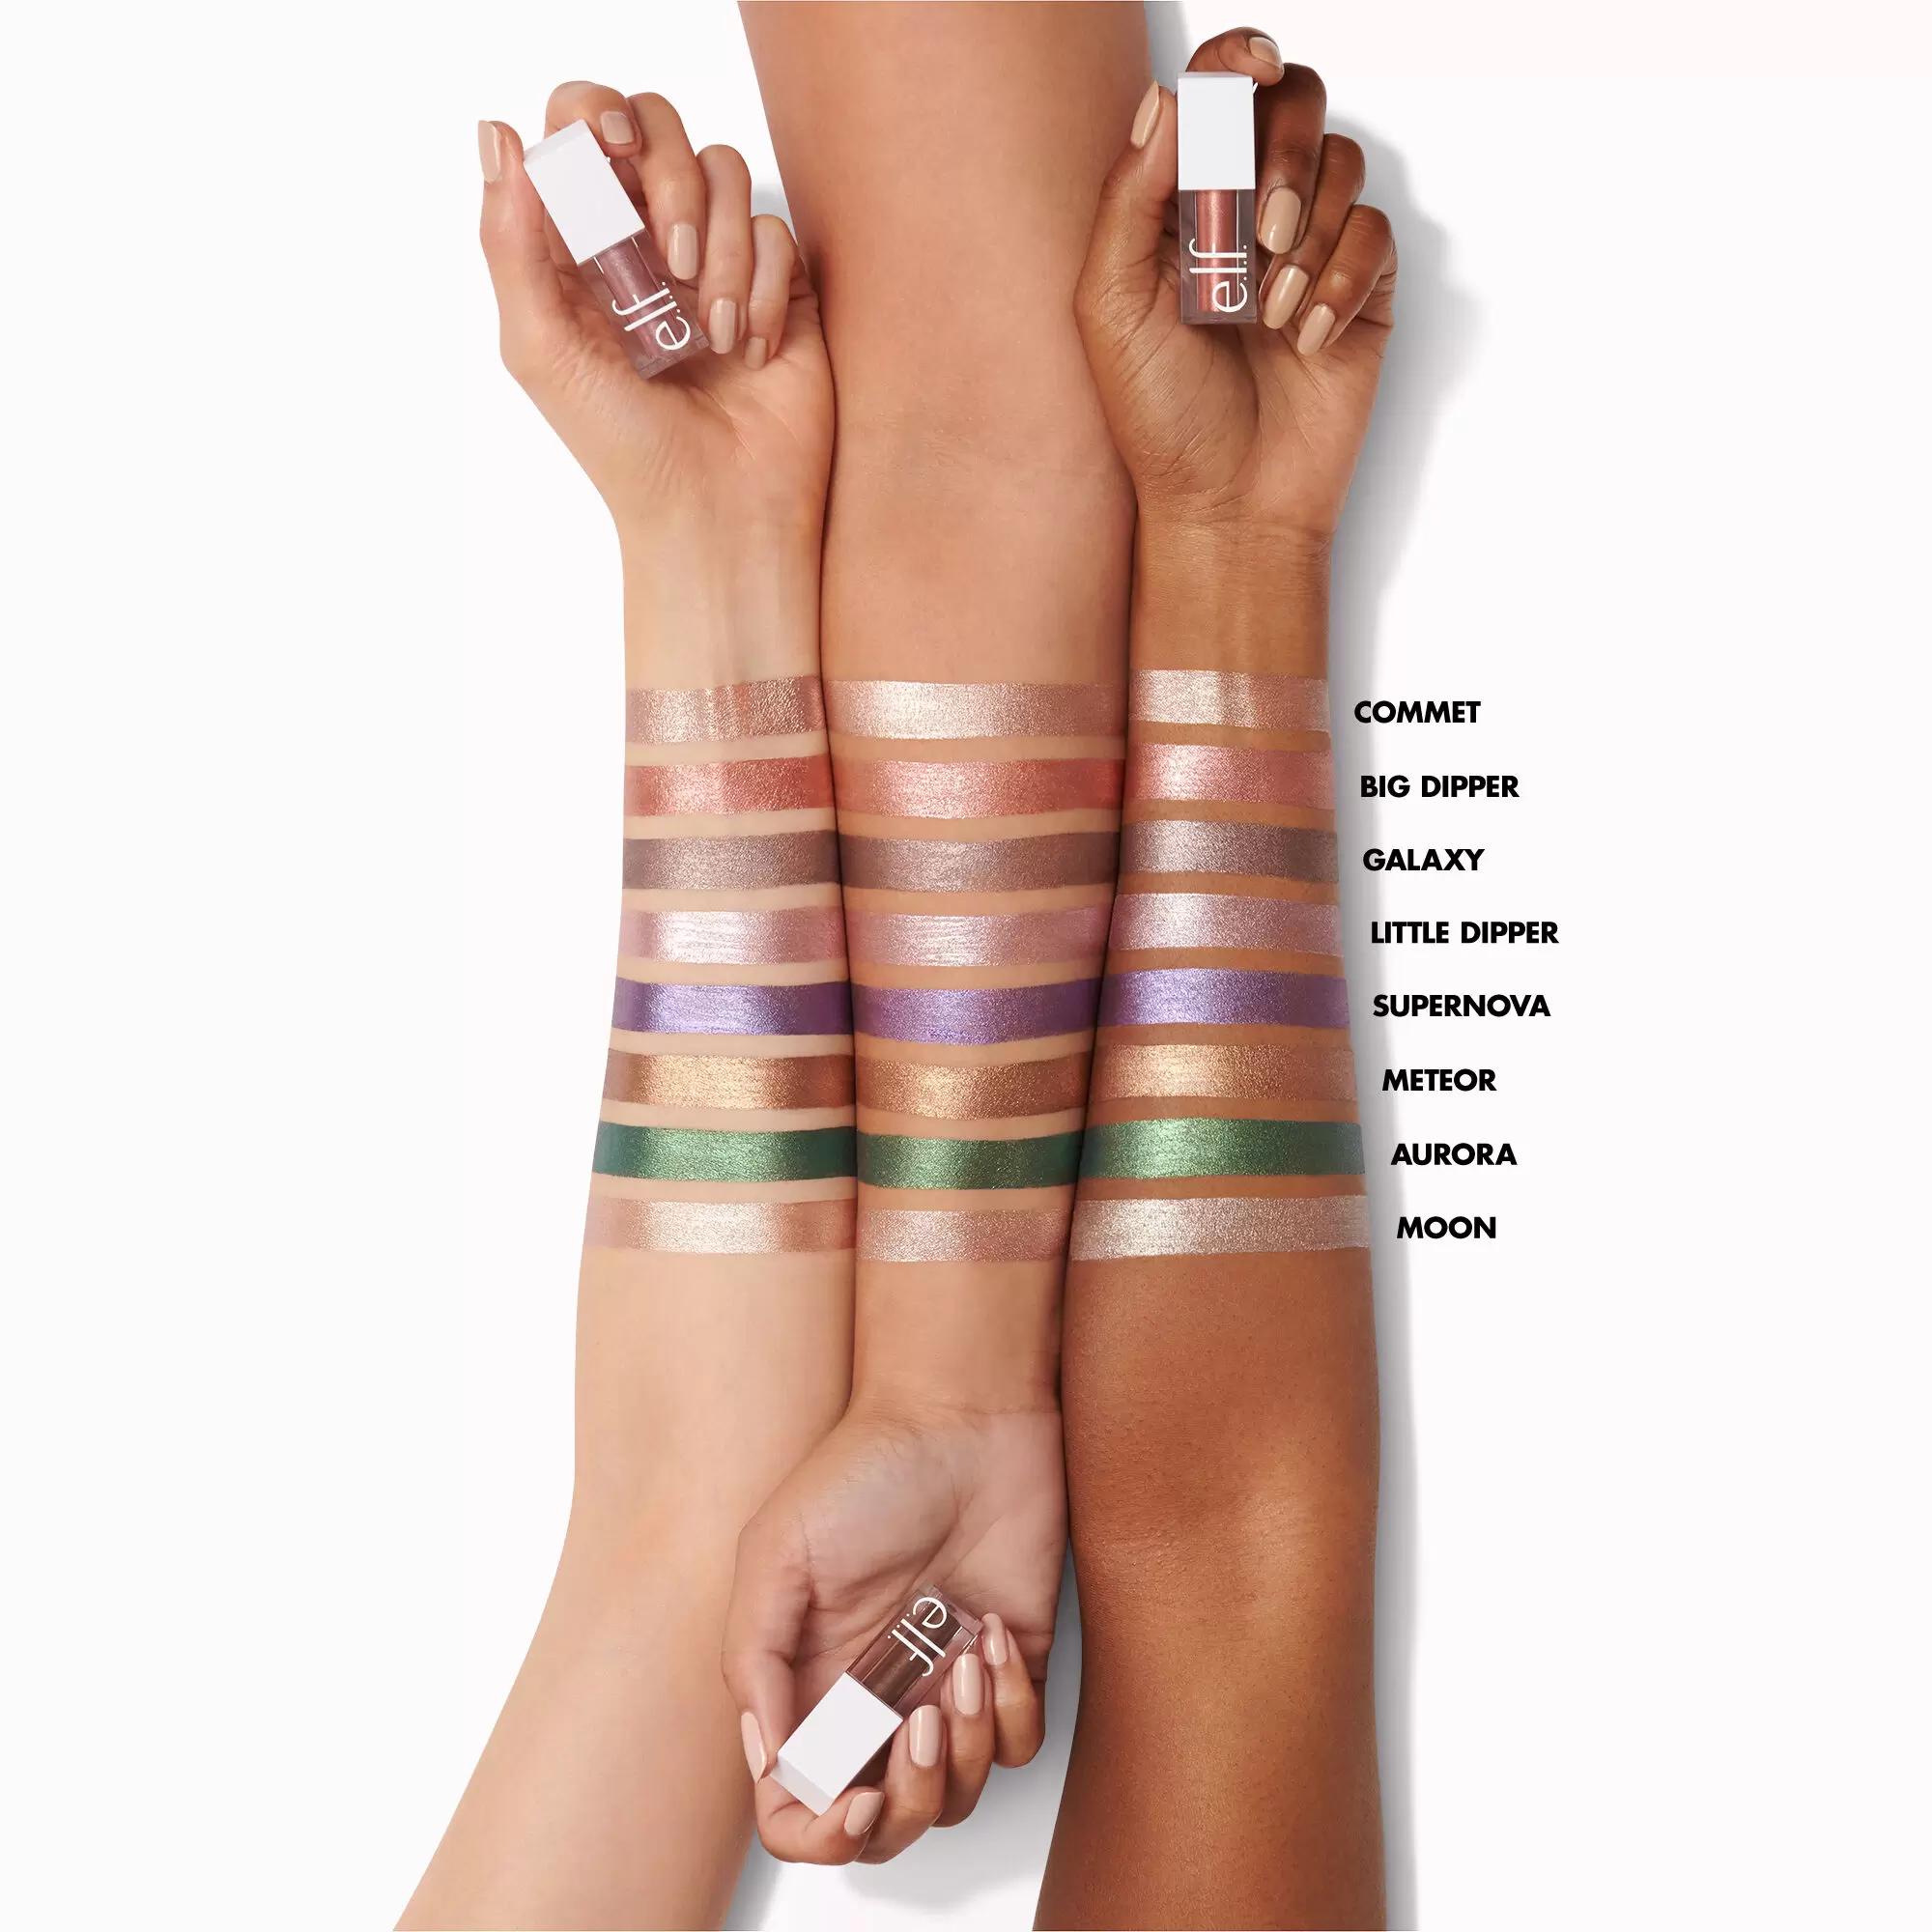 Elf Liquid Metallic Eyeshadow Collection 8 Beautiful Shades